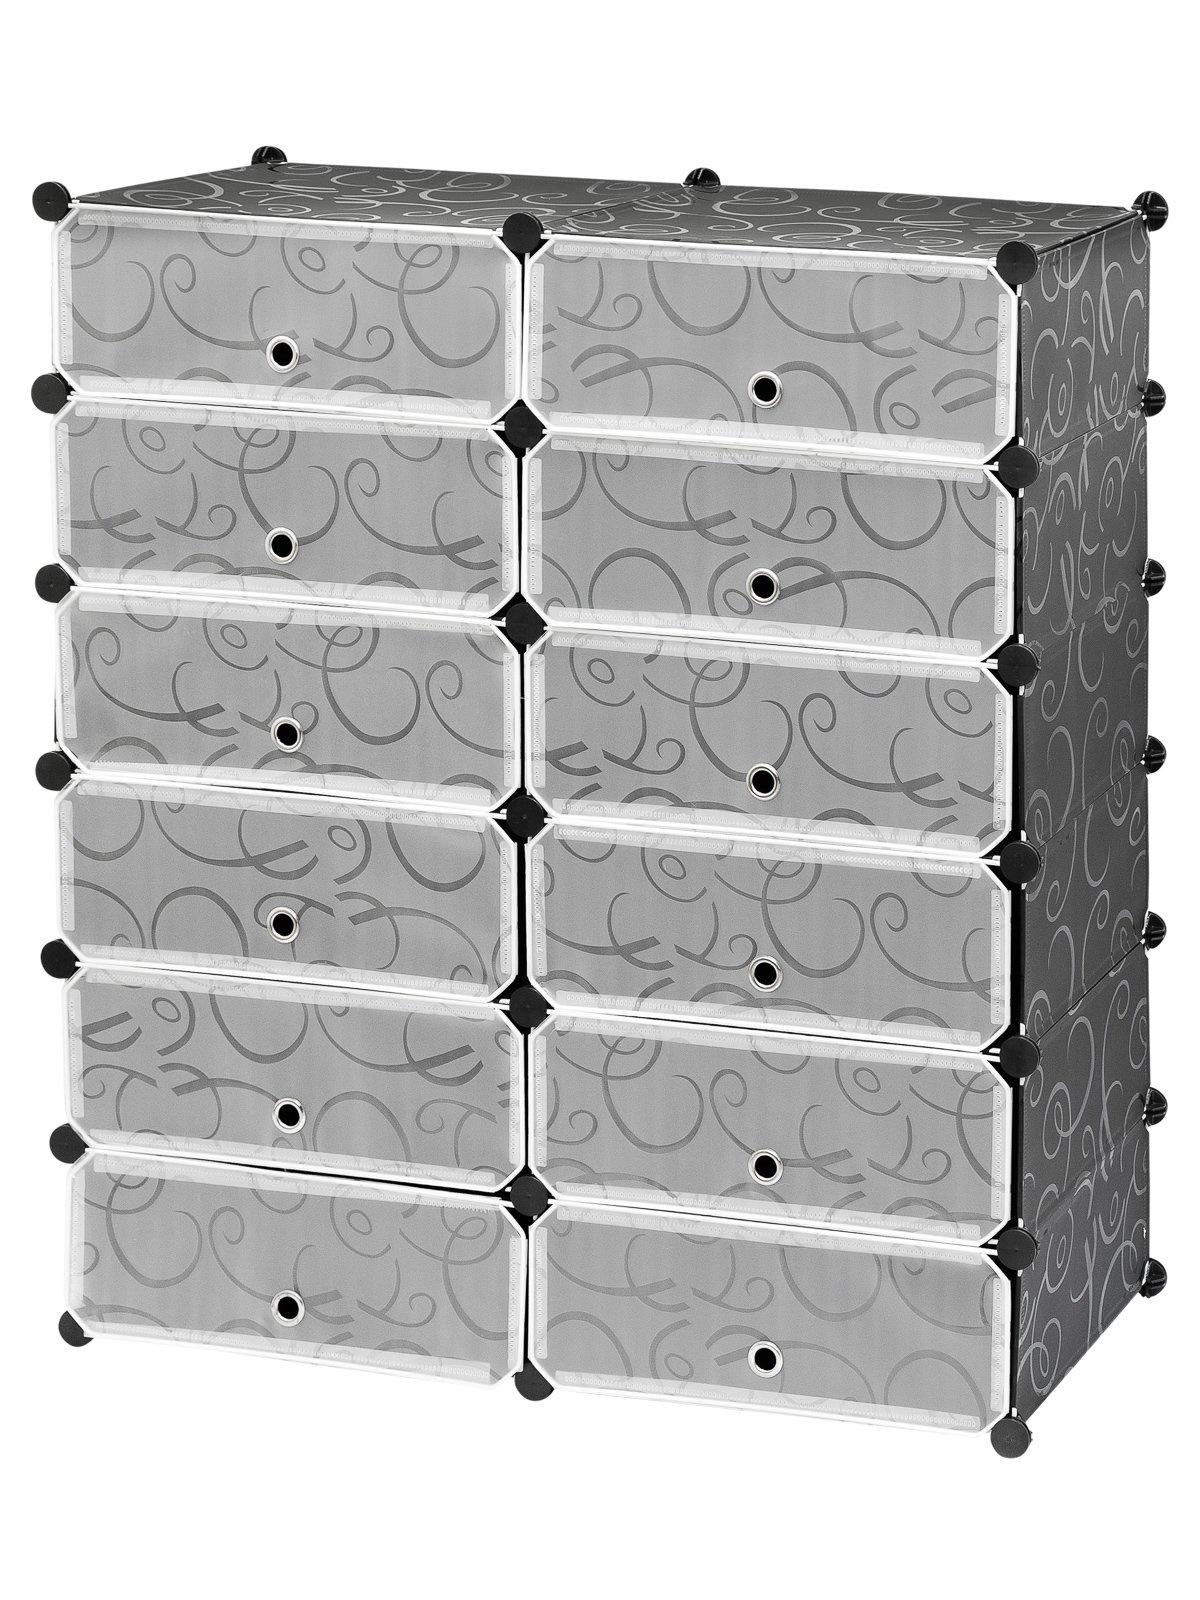 Шкаф HomeMaster Skaf 61, SHM170, черный, прозрачныйSHM170Шкаф для хранения вещей и обуви легко складывается и очень компактно хранится. Шкаф можно поставить дома или даче. Конструкцию шкафа можно уменьшить или изменить по своему желанию. Размер: 108x95x37 см.